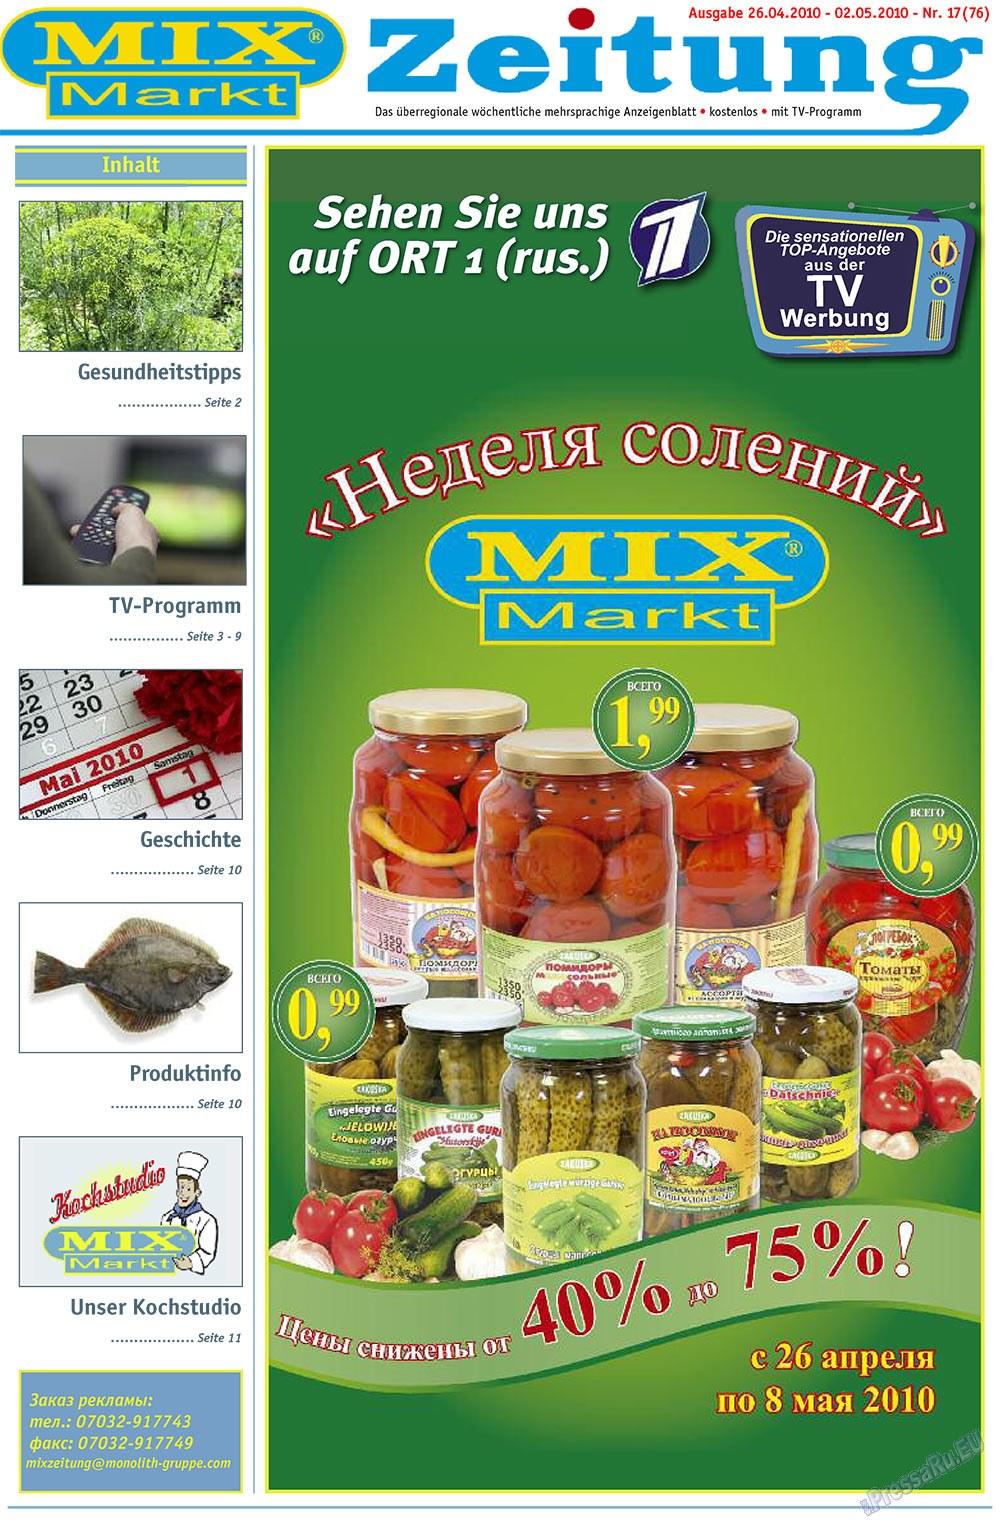 MIX-Markt Zeitung (газета). 2010 год, номер 17, стр. 1